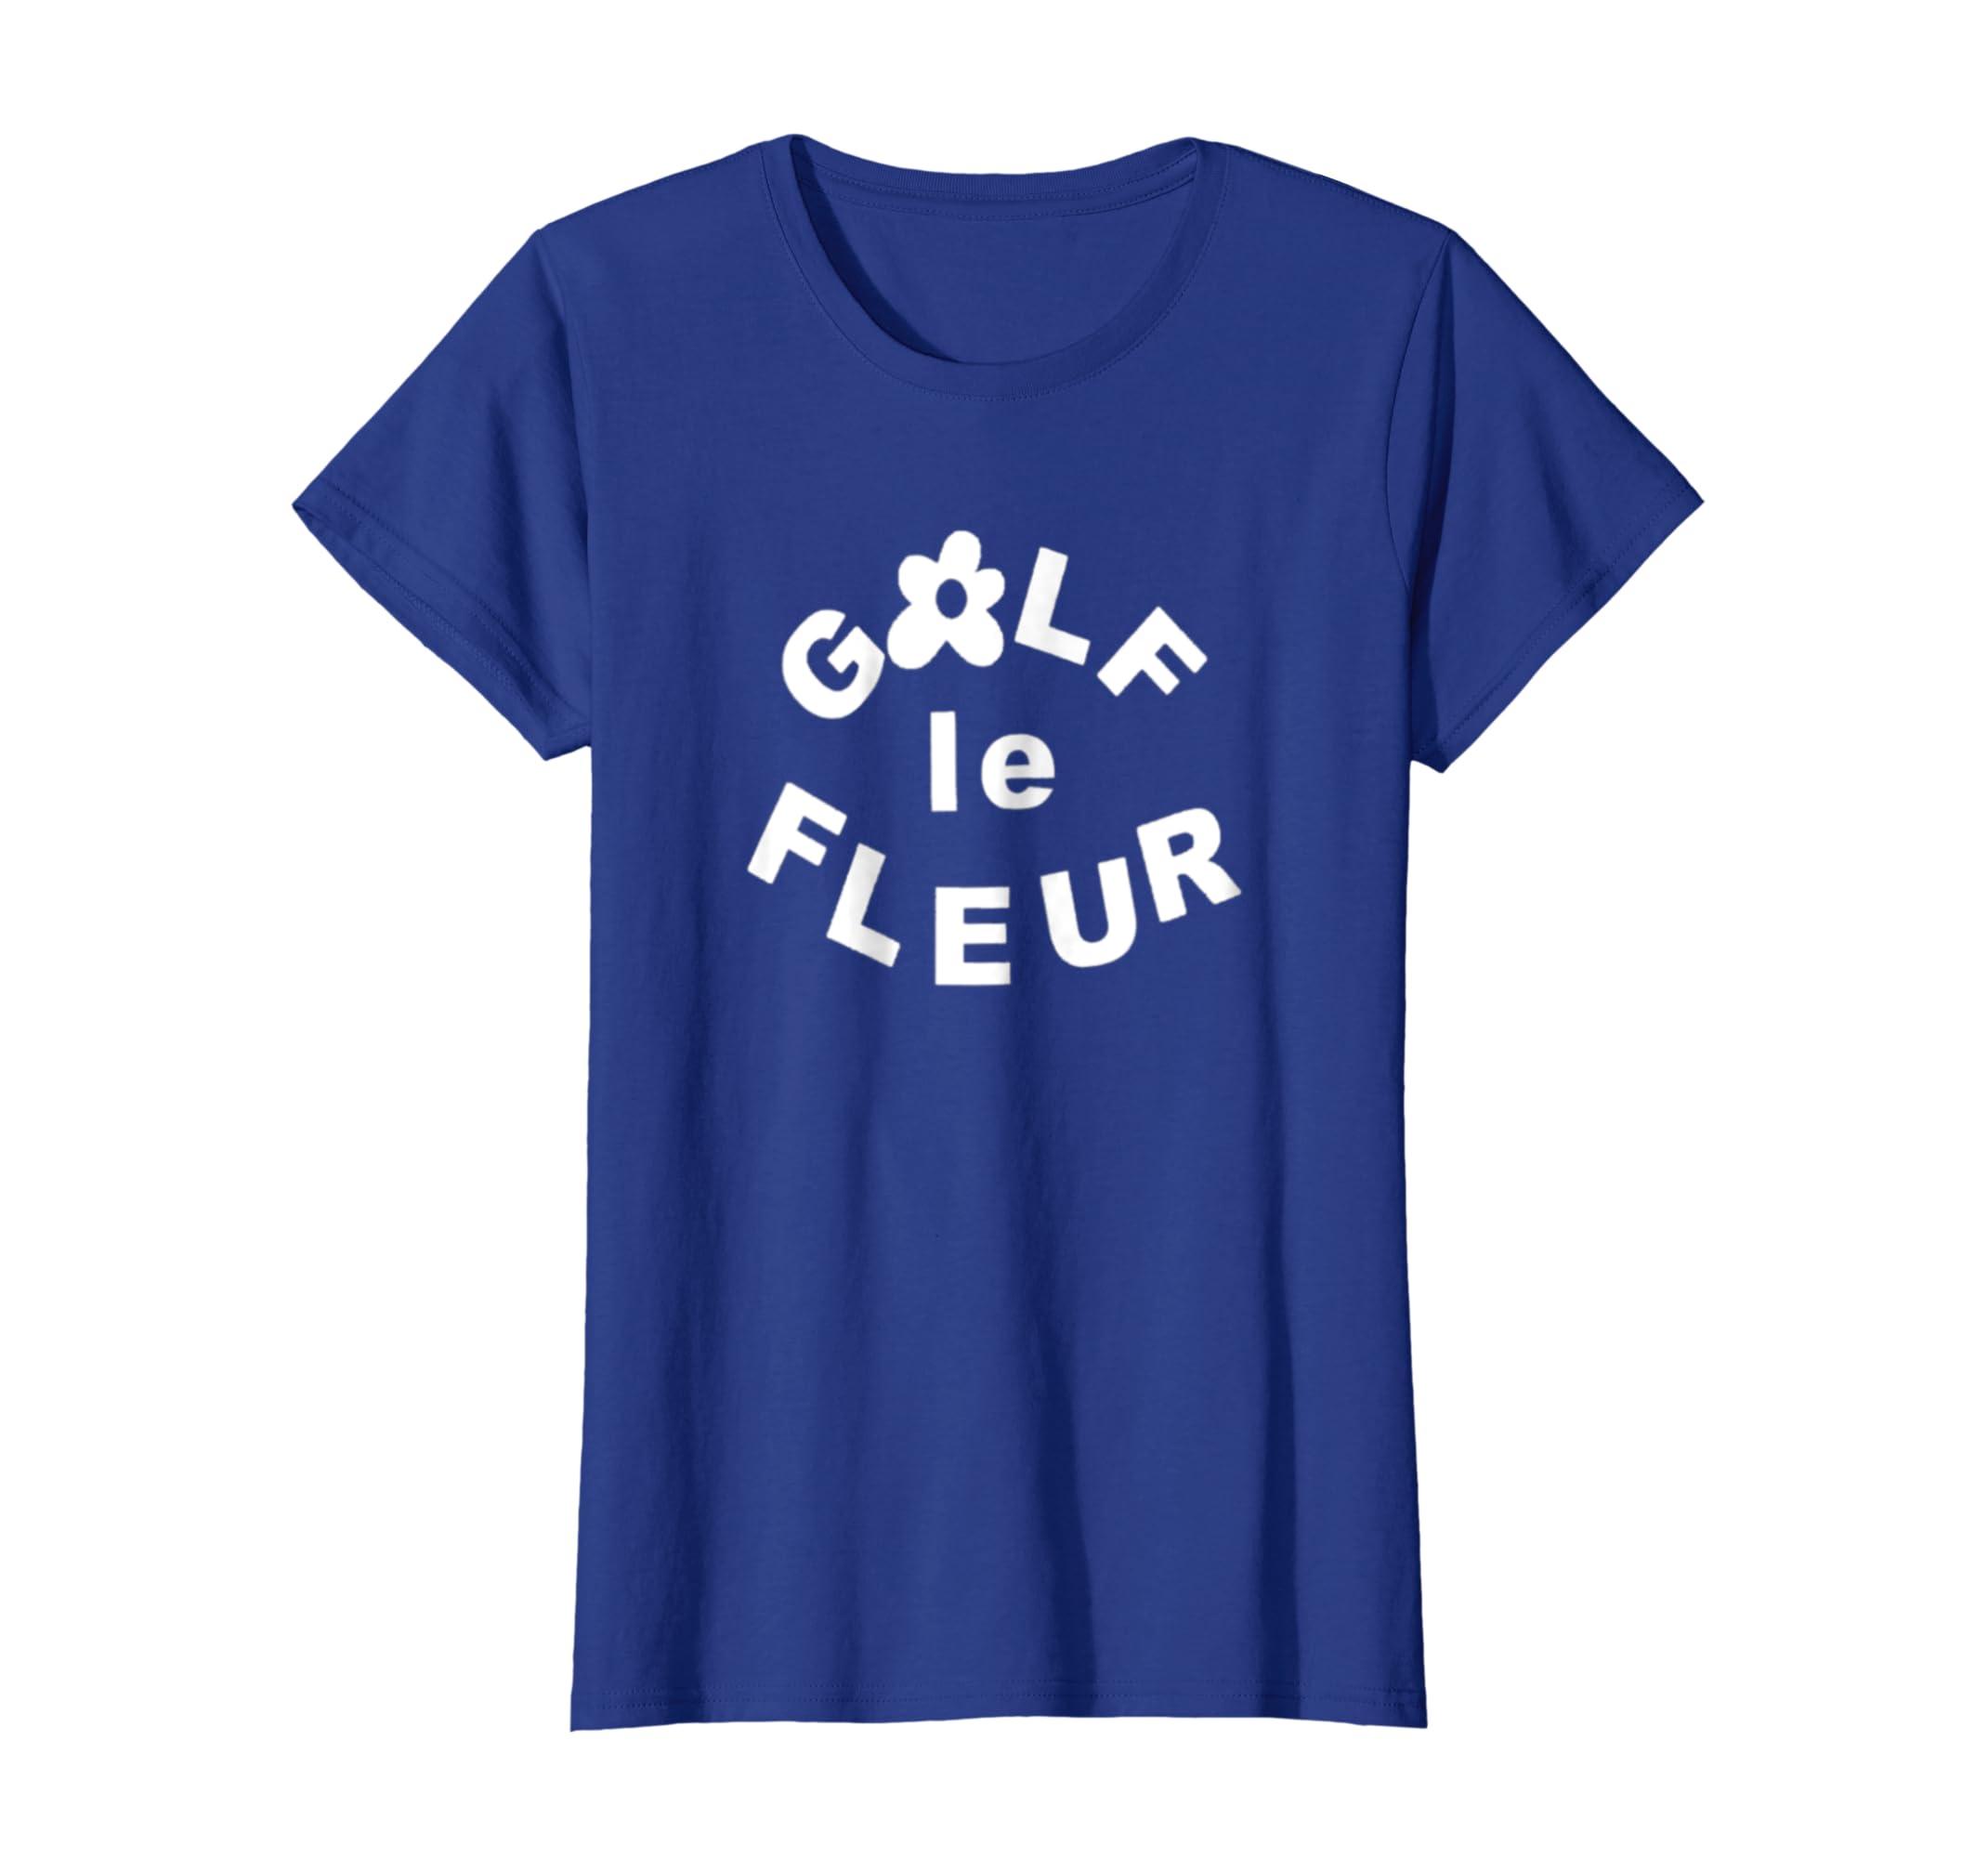 340f6c3c45920 Amazon.com  Golf Le Fleur Tshirt  Clothing